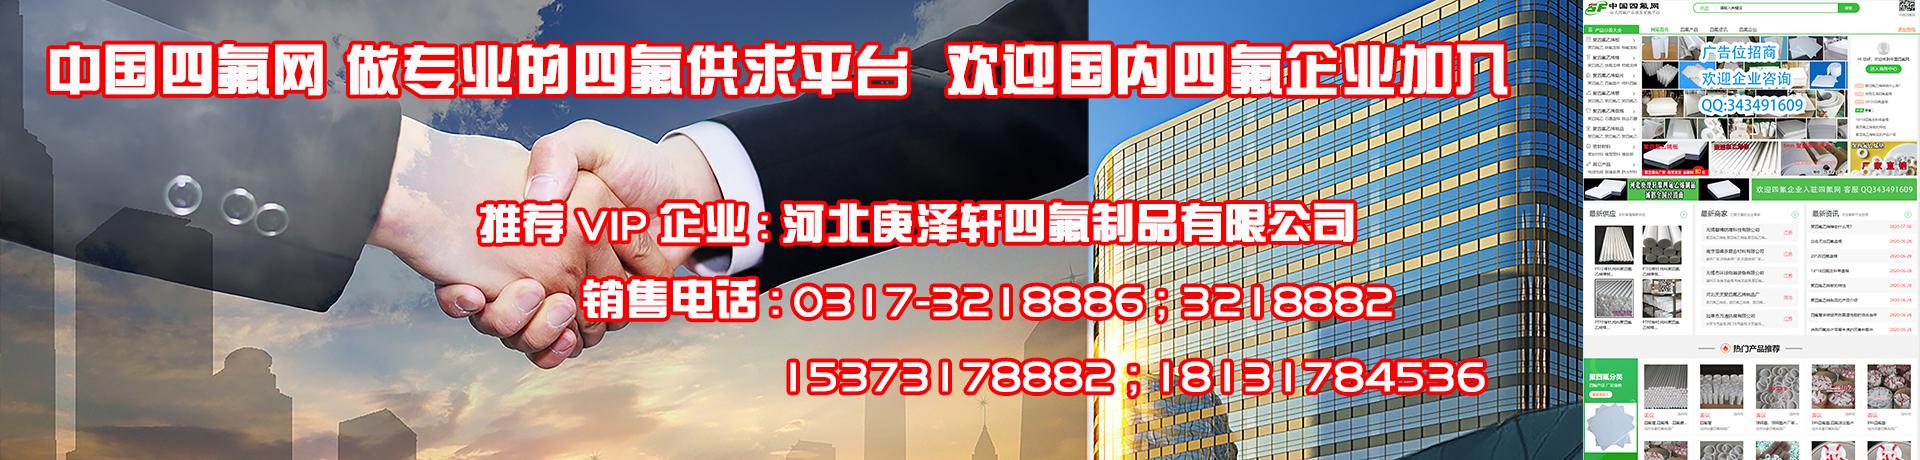 河北庚泽轩国际商贸有限公司